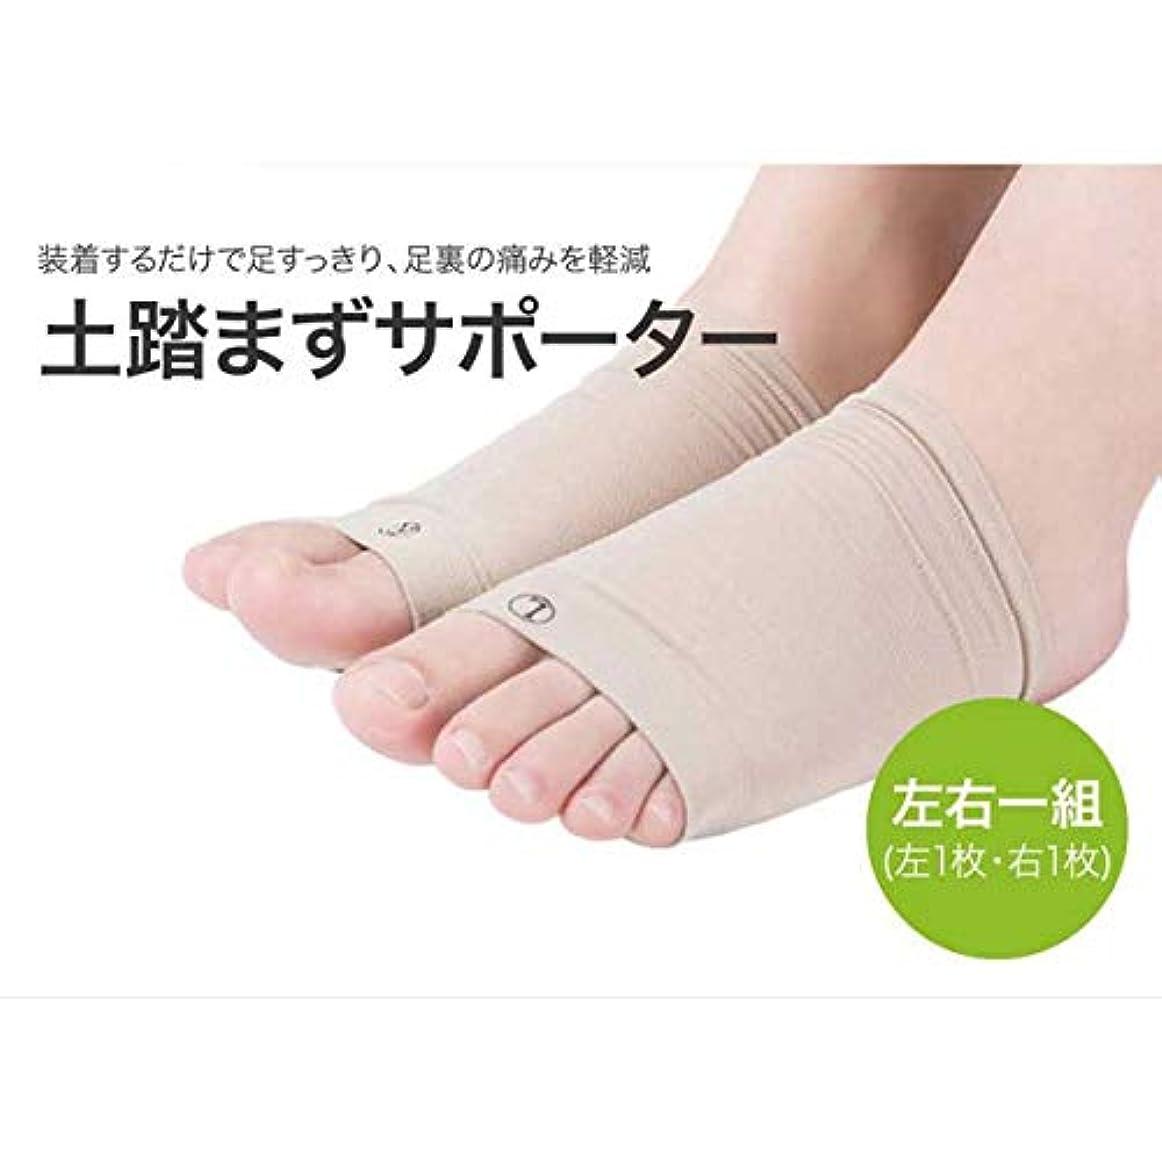 血まみれの狂うラベ土踏まずサポーター 左右1組セット 偏平足 シリコン 足底筋膜炎 足底腱膜炎 痛み だるさ 足底筋膜 足裏 アーチ サポート